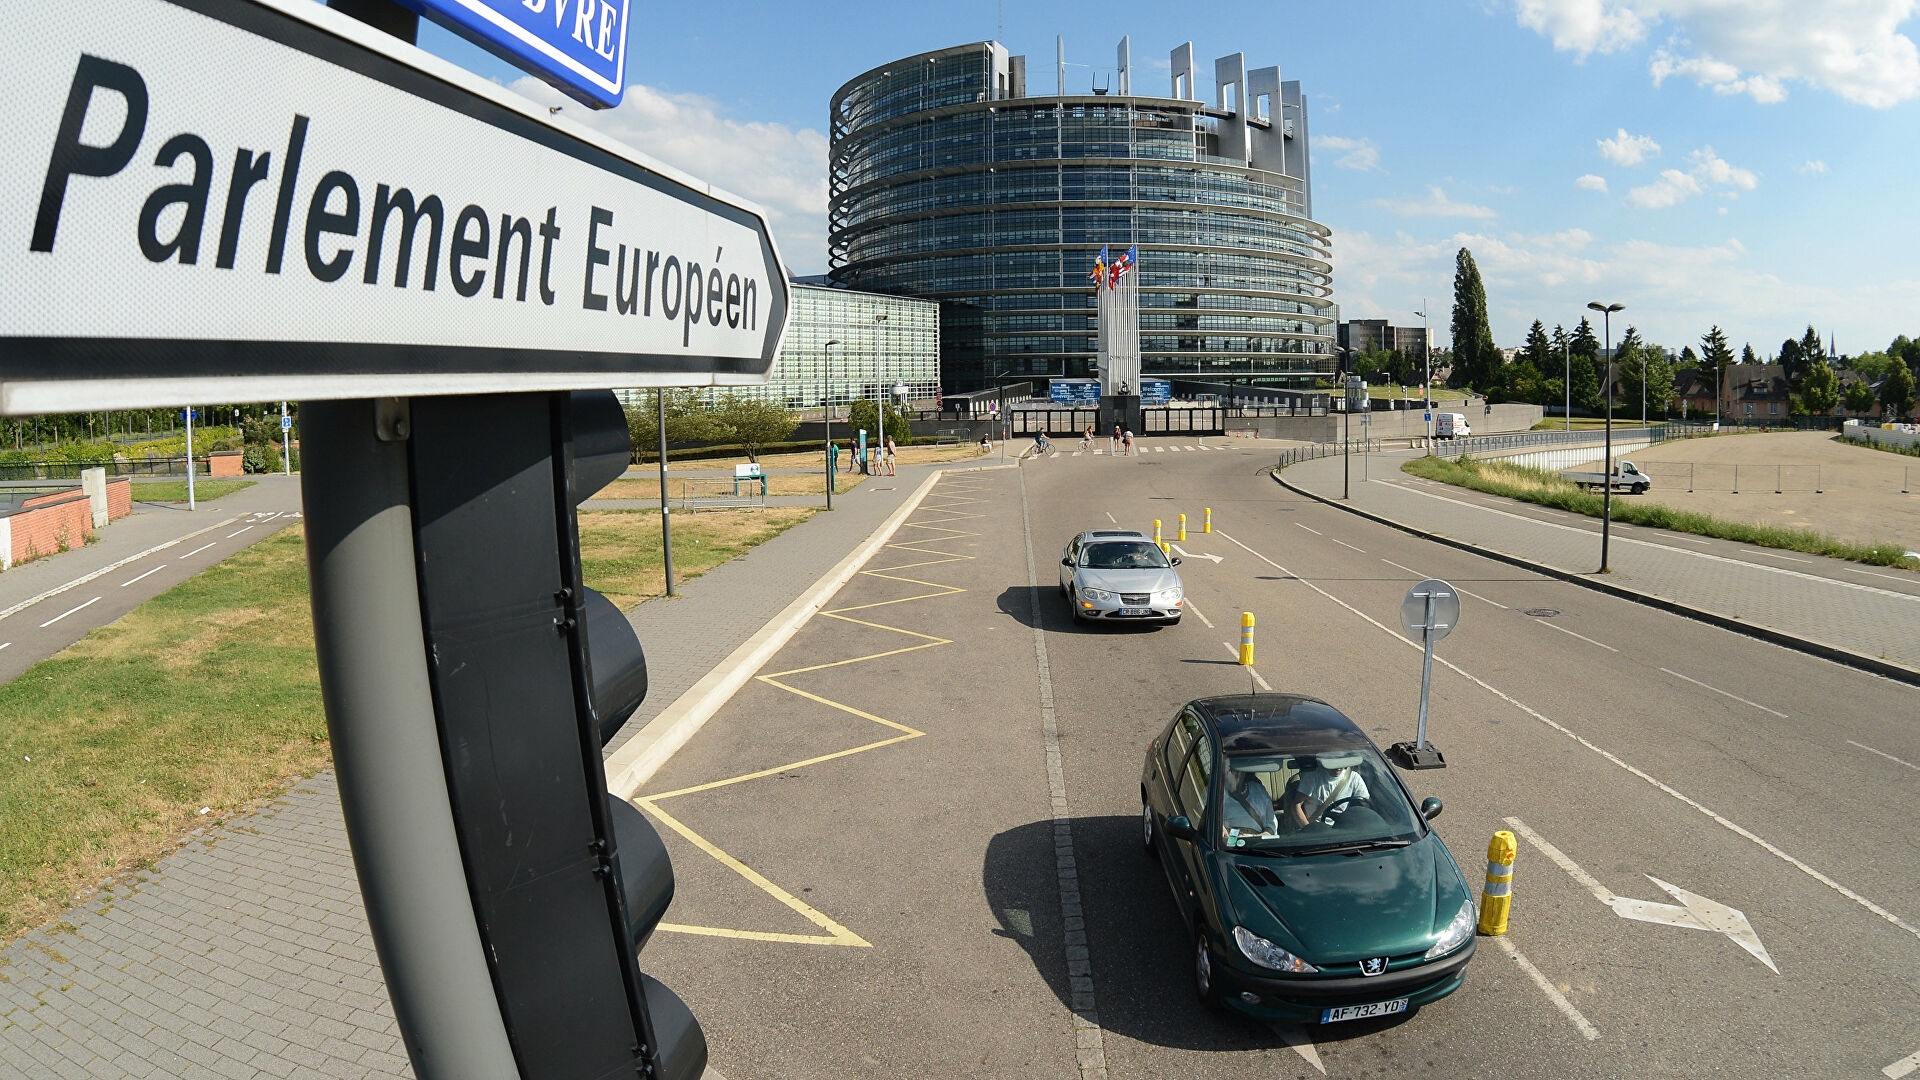 """Парламента ЕУ позвао на преиспитивање односа са Русијом и """"наставак њене изолације"""""""